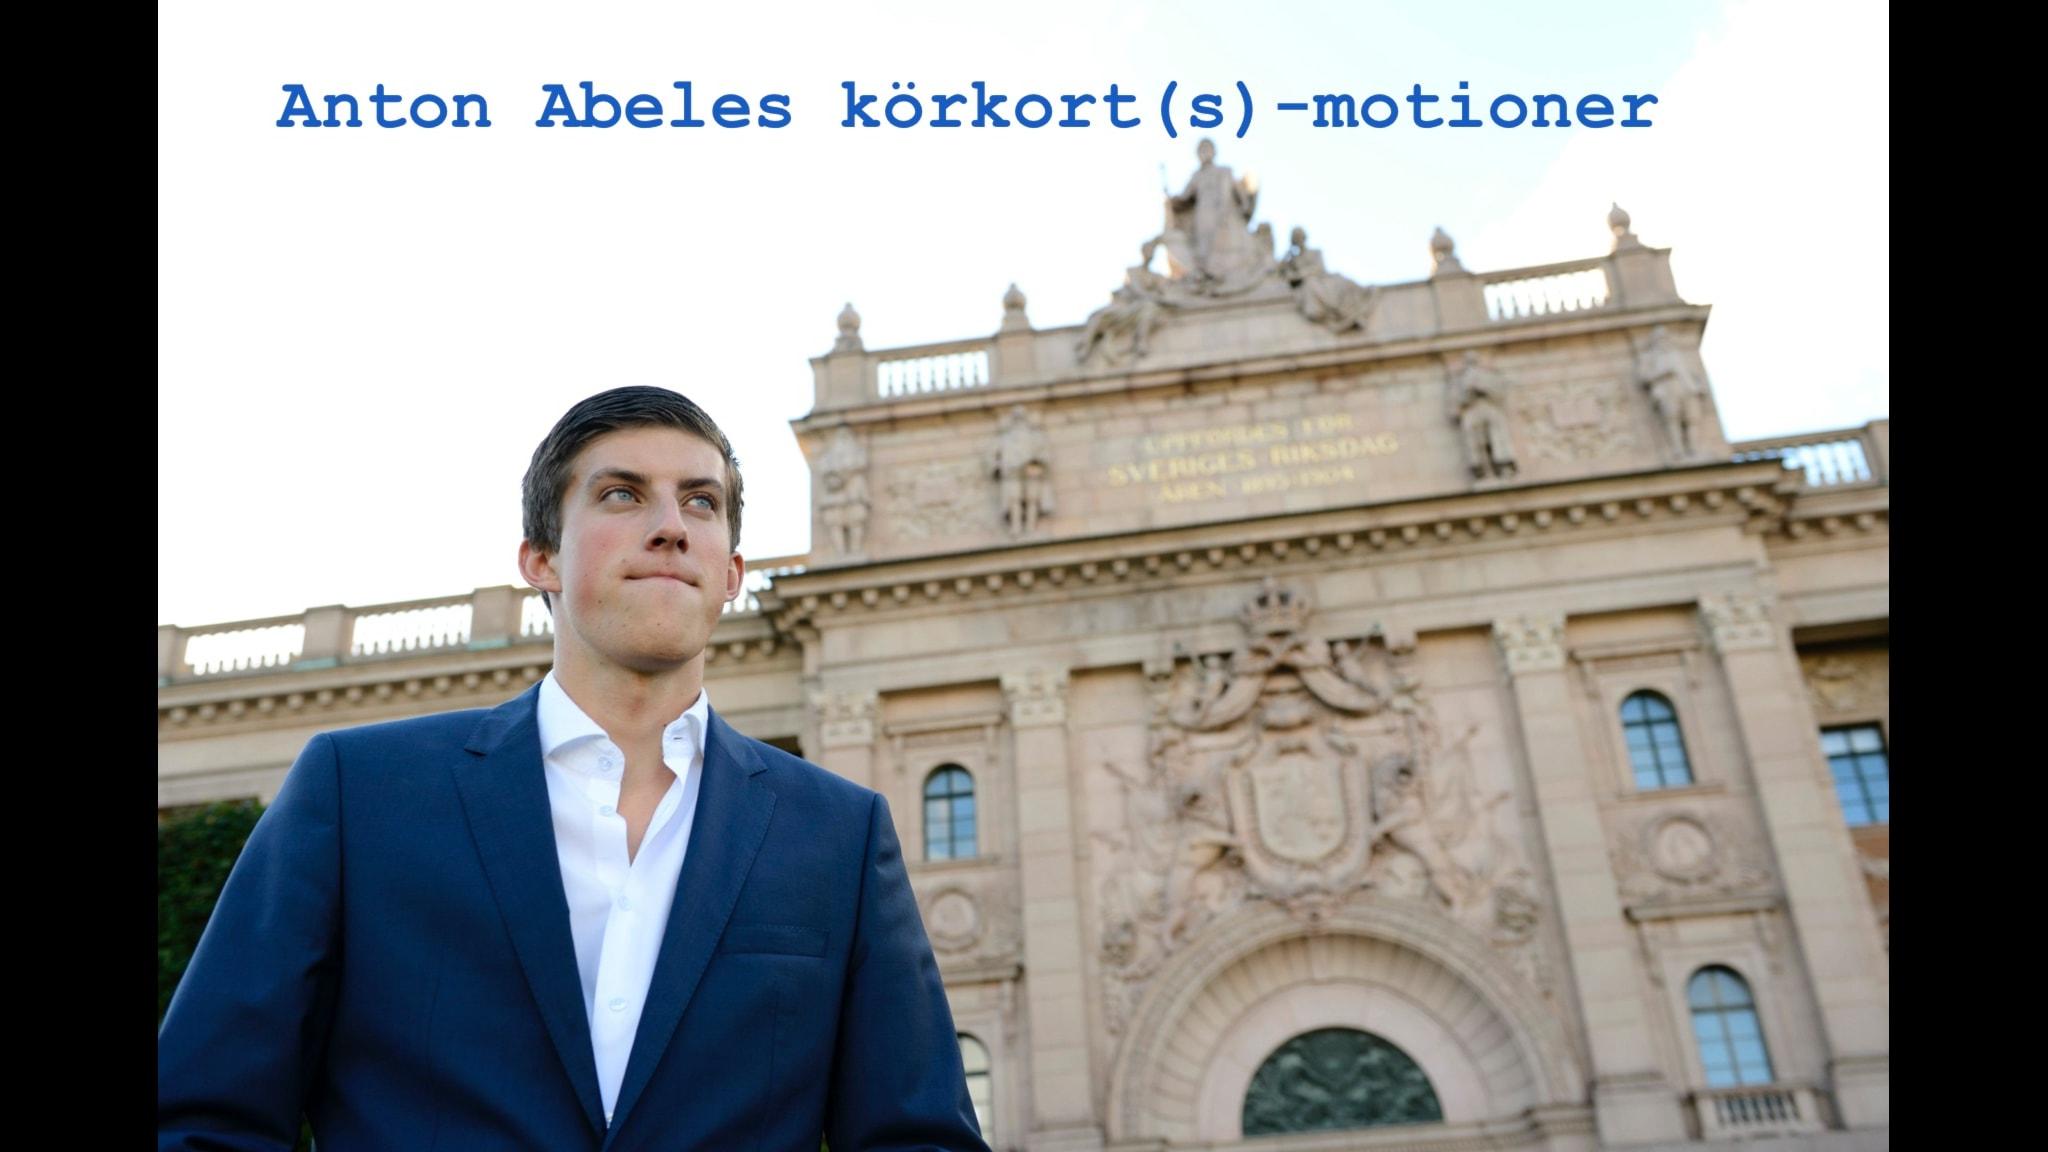 Dags för en titt på Anton Abeles motioner. foto: Henrik Montgomery / TT